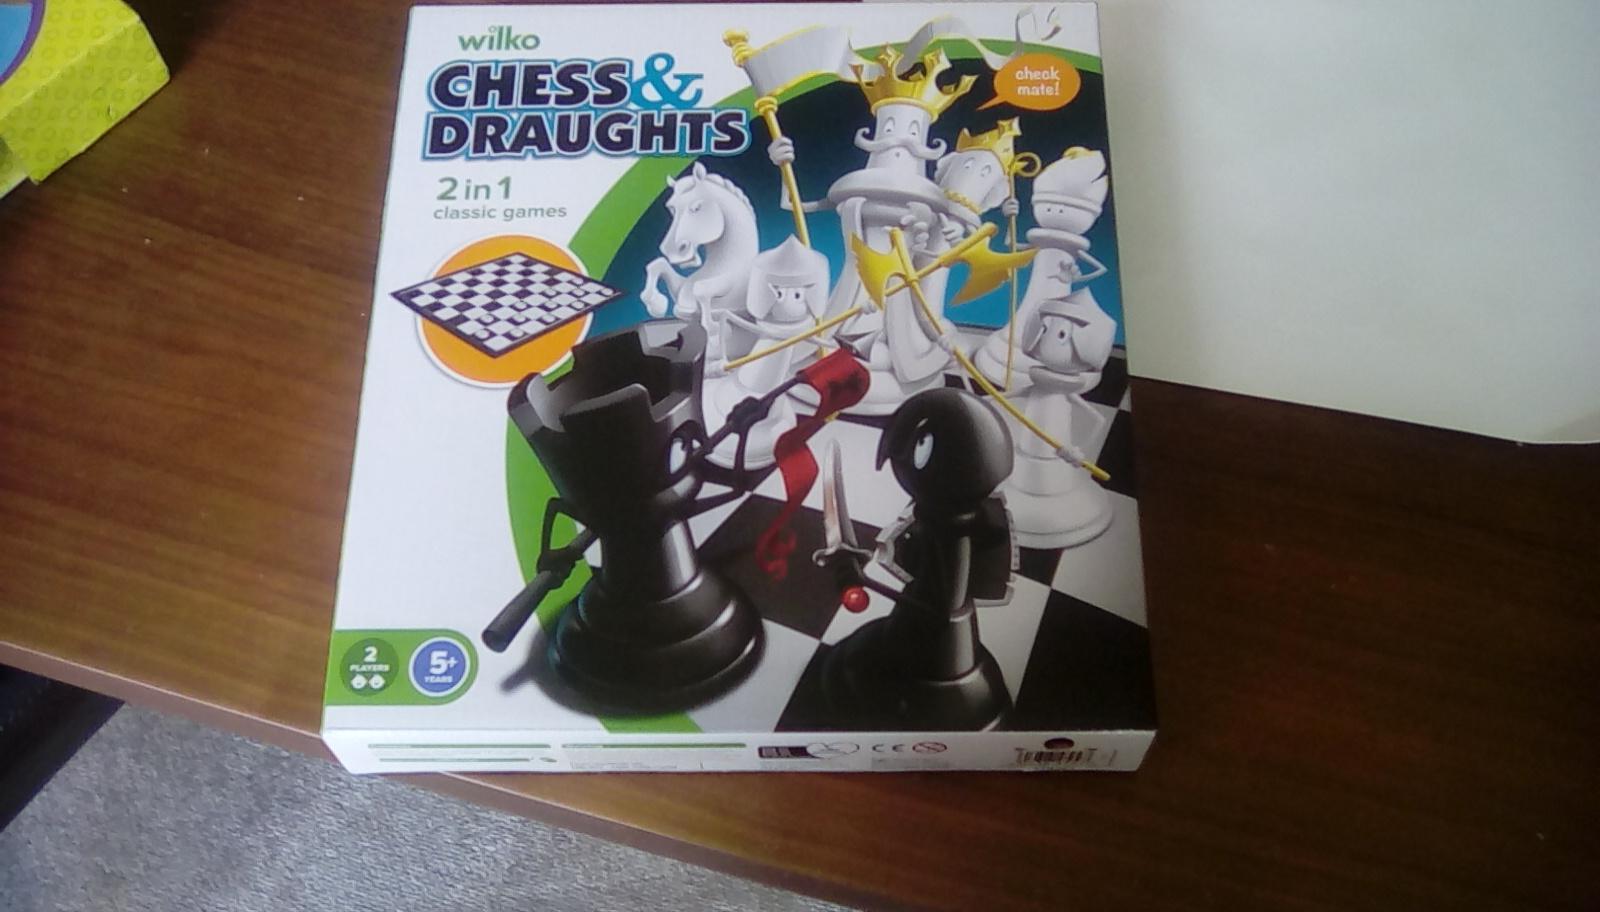 Wilko chess and draughts - £1 instore @ Wilko